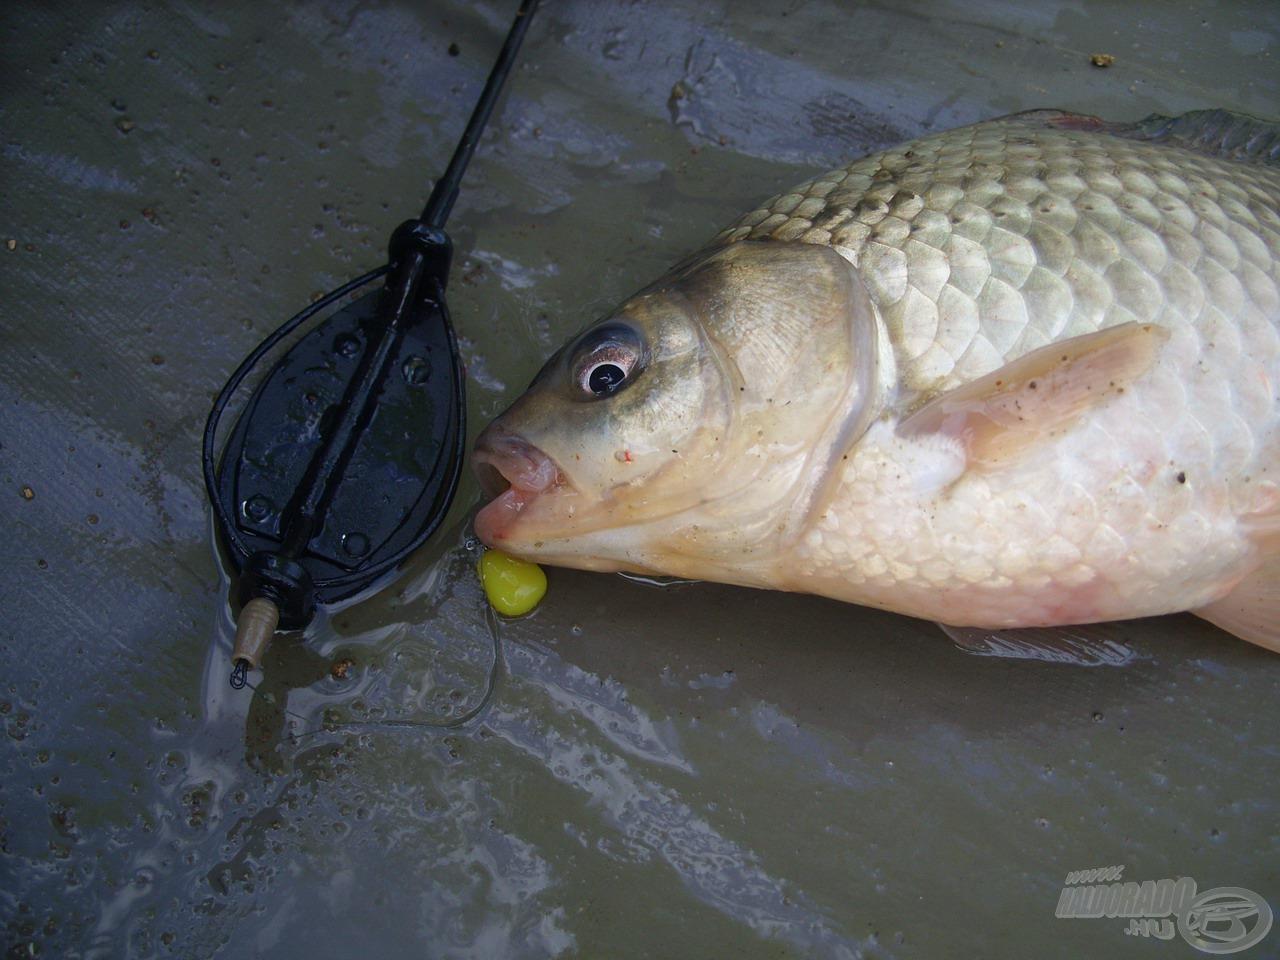 A horgászat elején nagymennyiségű ezüstkárász tartózkodott az etetésemen, amelyek pillanatok alatt megtalálták a pici SpéciCorn csalit